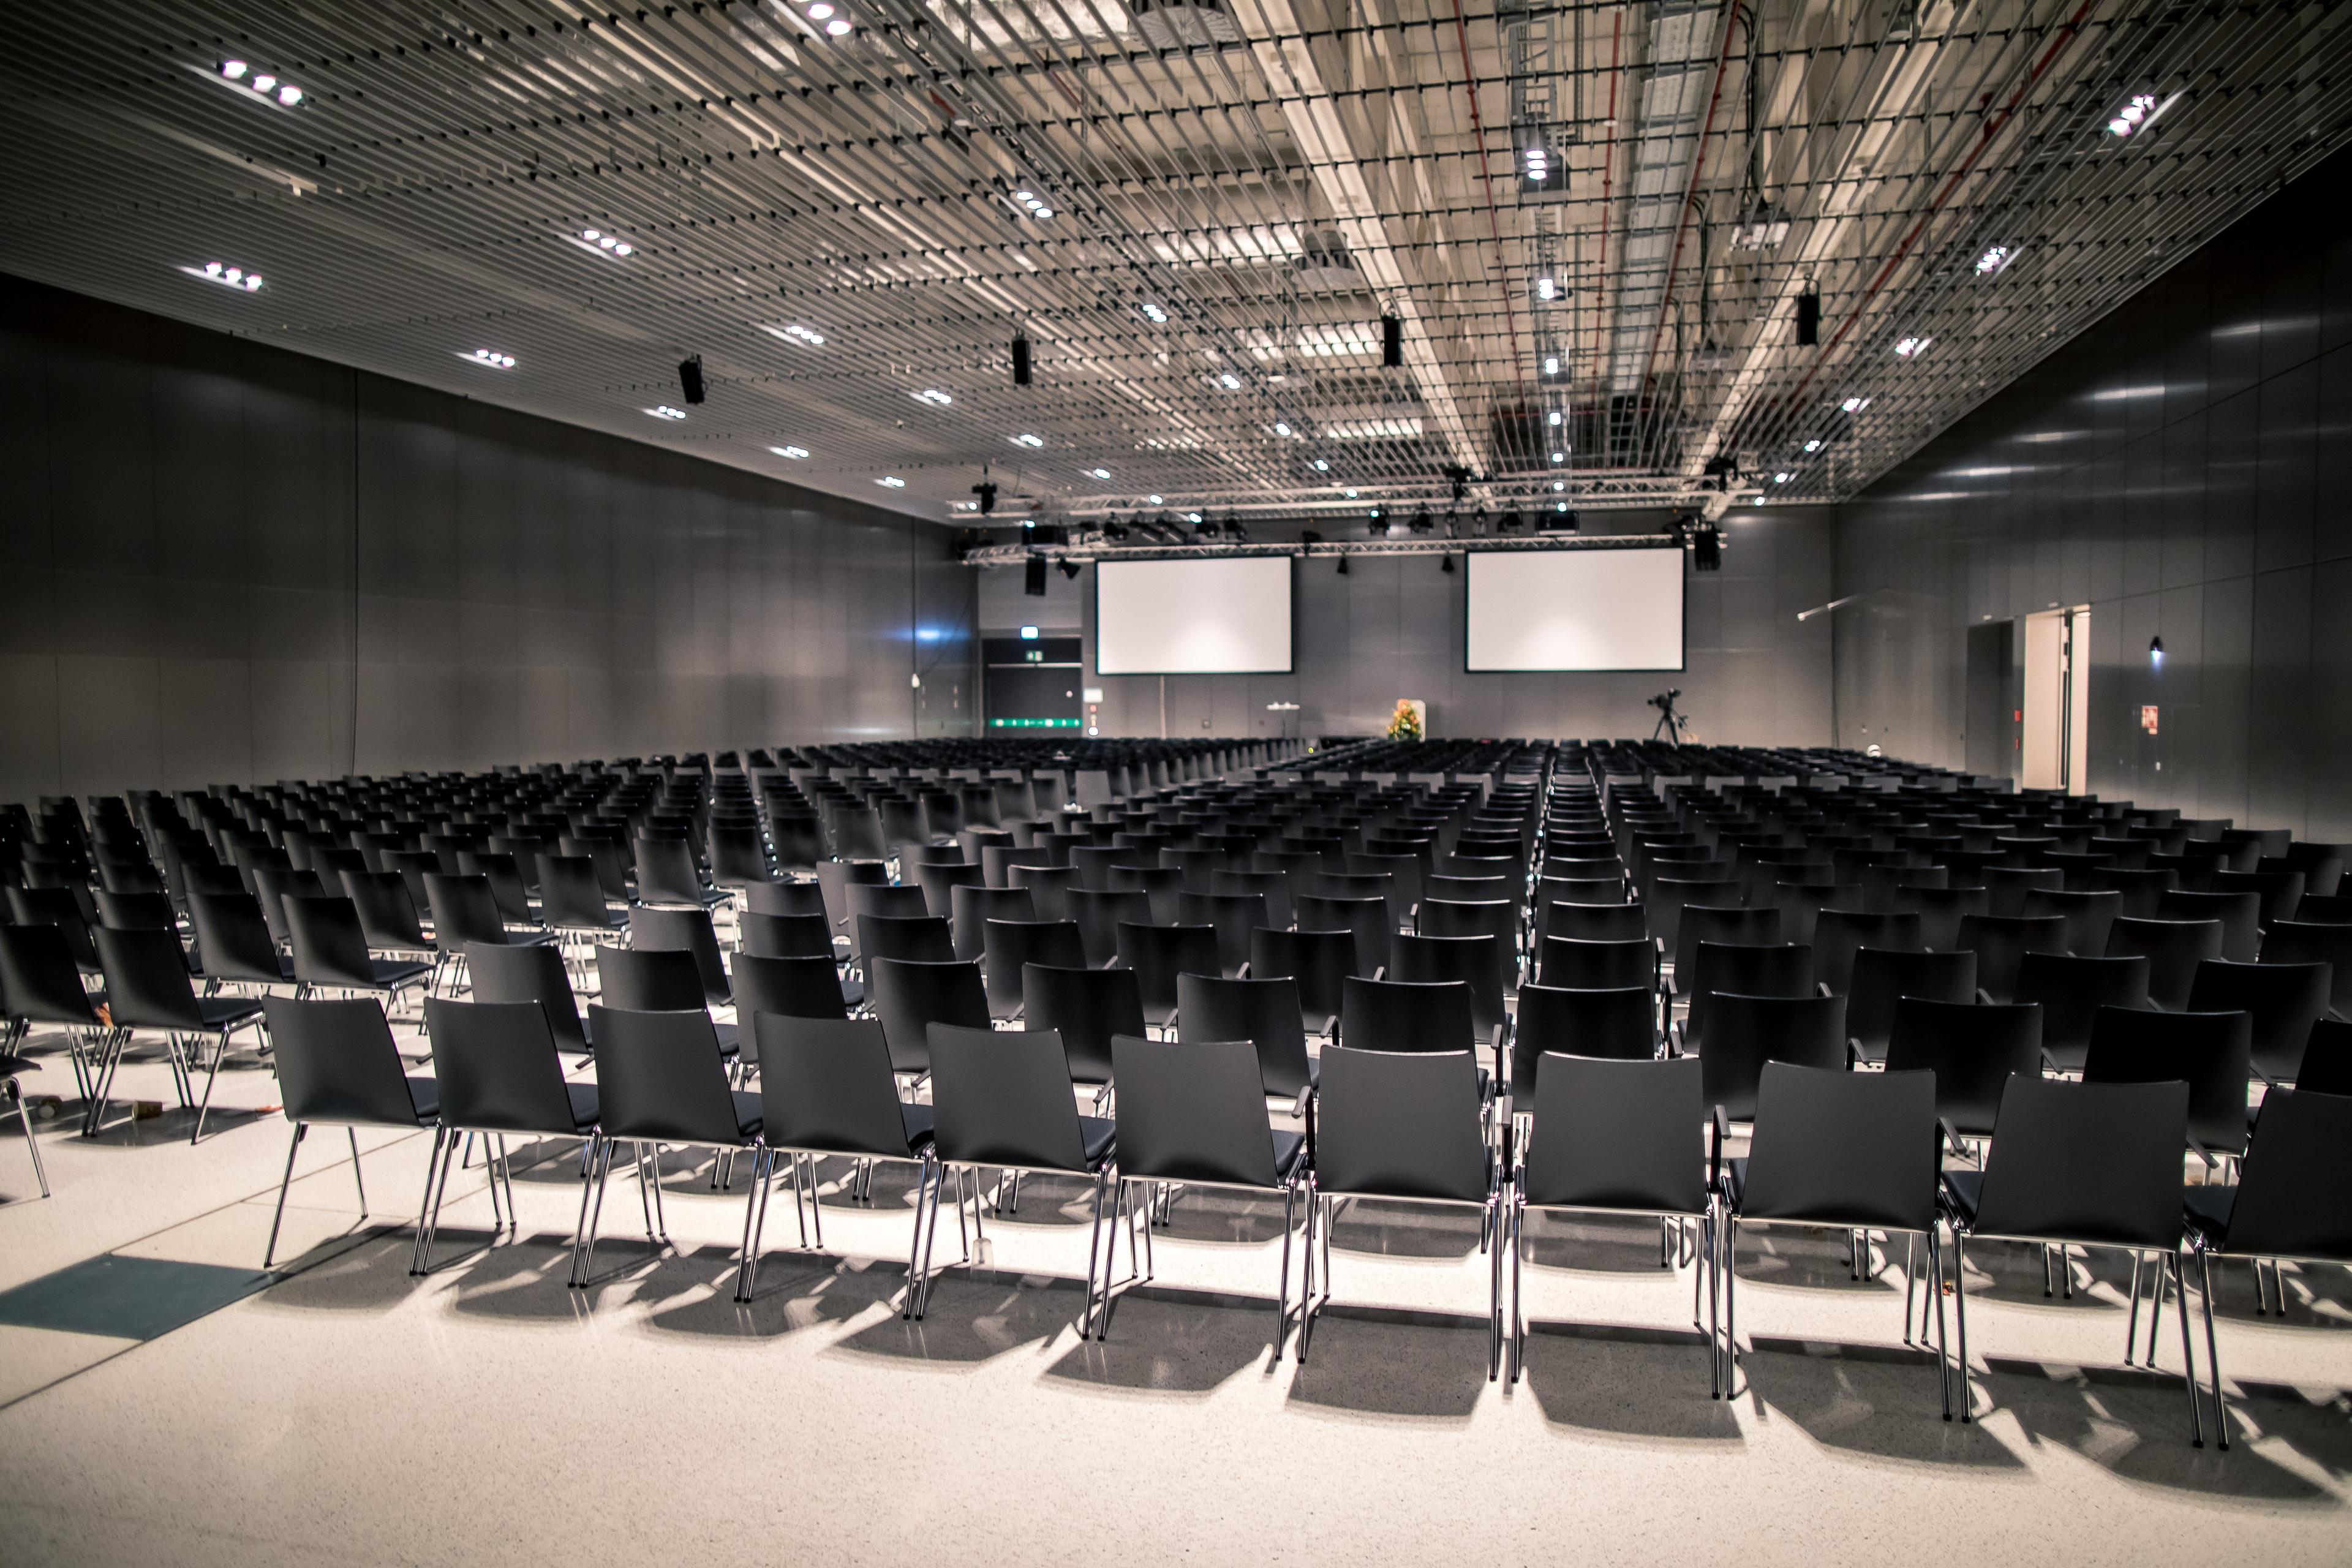 Halle Süd in Reihe, RMCC Wiesbaden